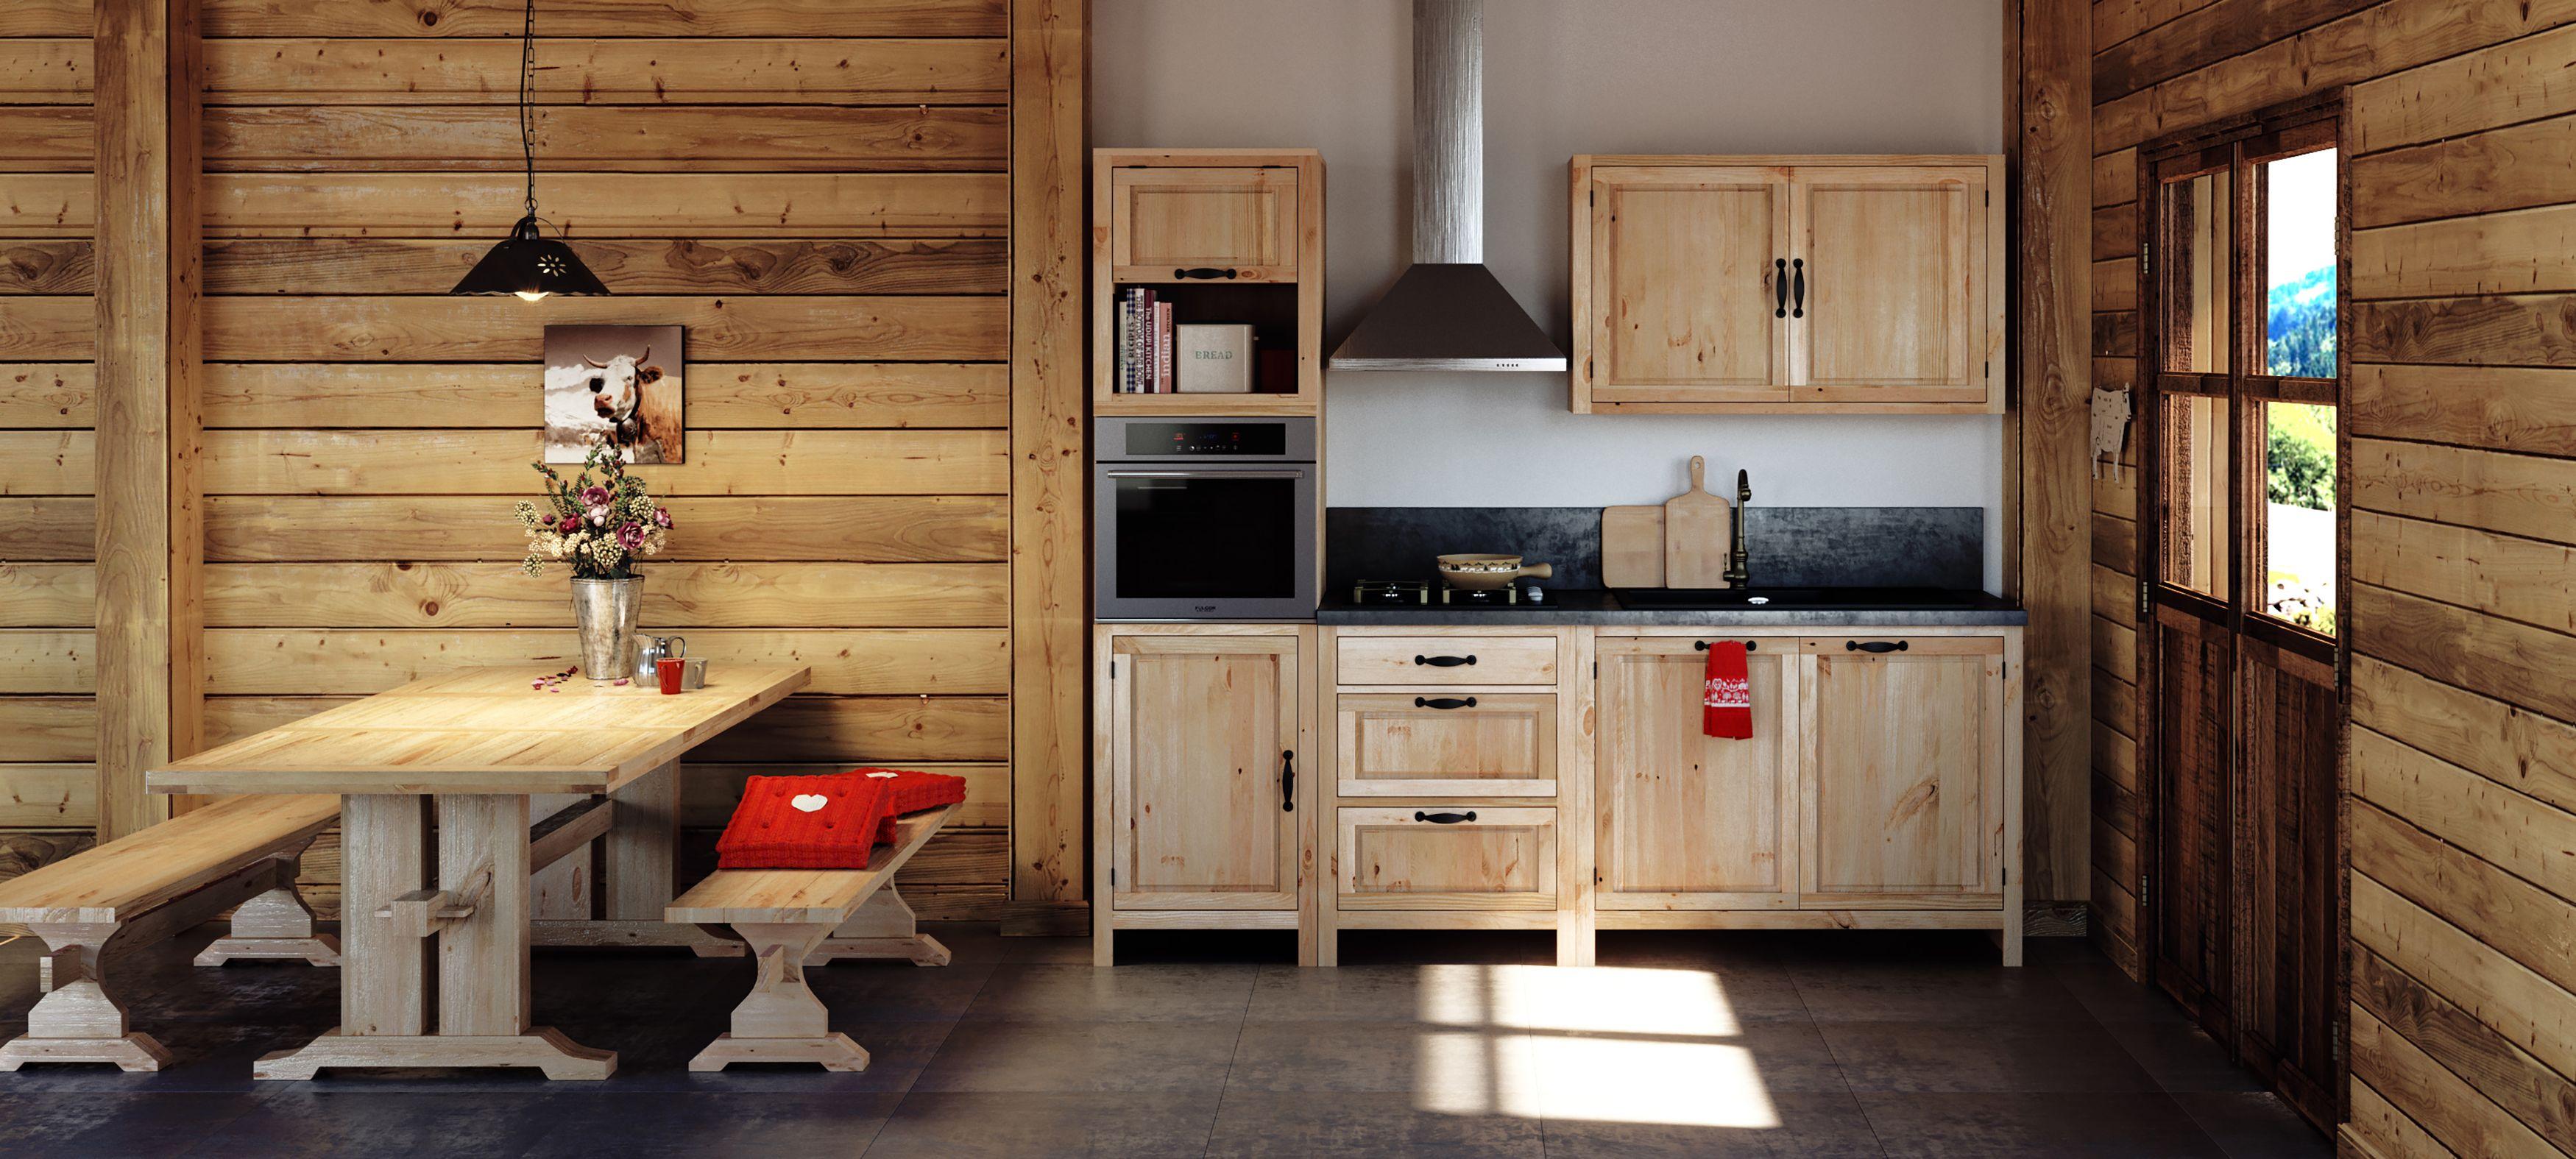 Retrouvez Nos Kitchenettes Pour Vos Studio En Station Ainsi Que Nos Meubles De Cuisine Types Chalet Mobilier De Salon Meuble Deco Kitchenette